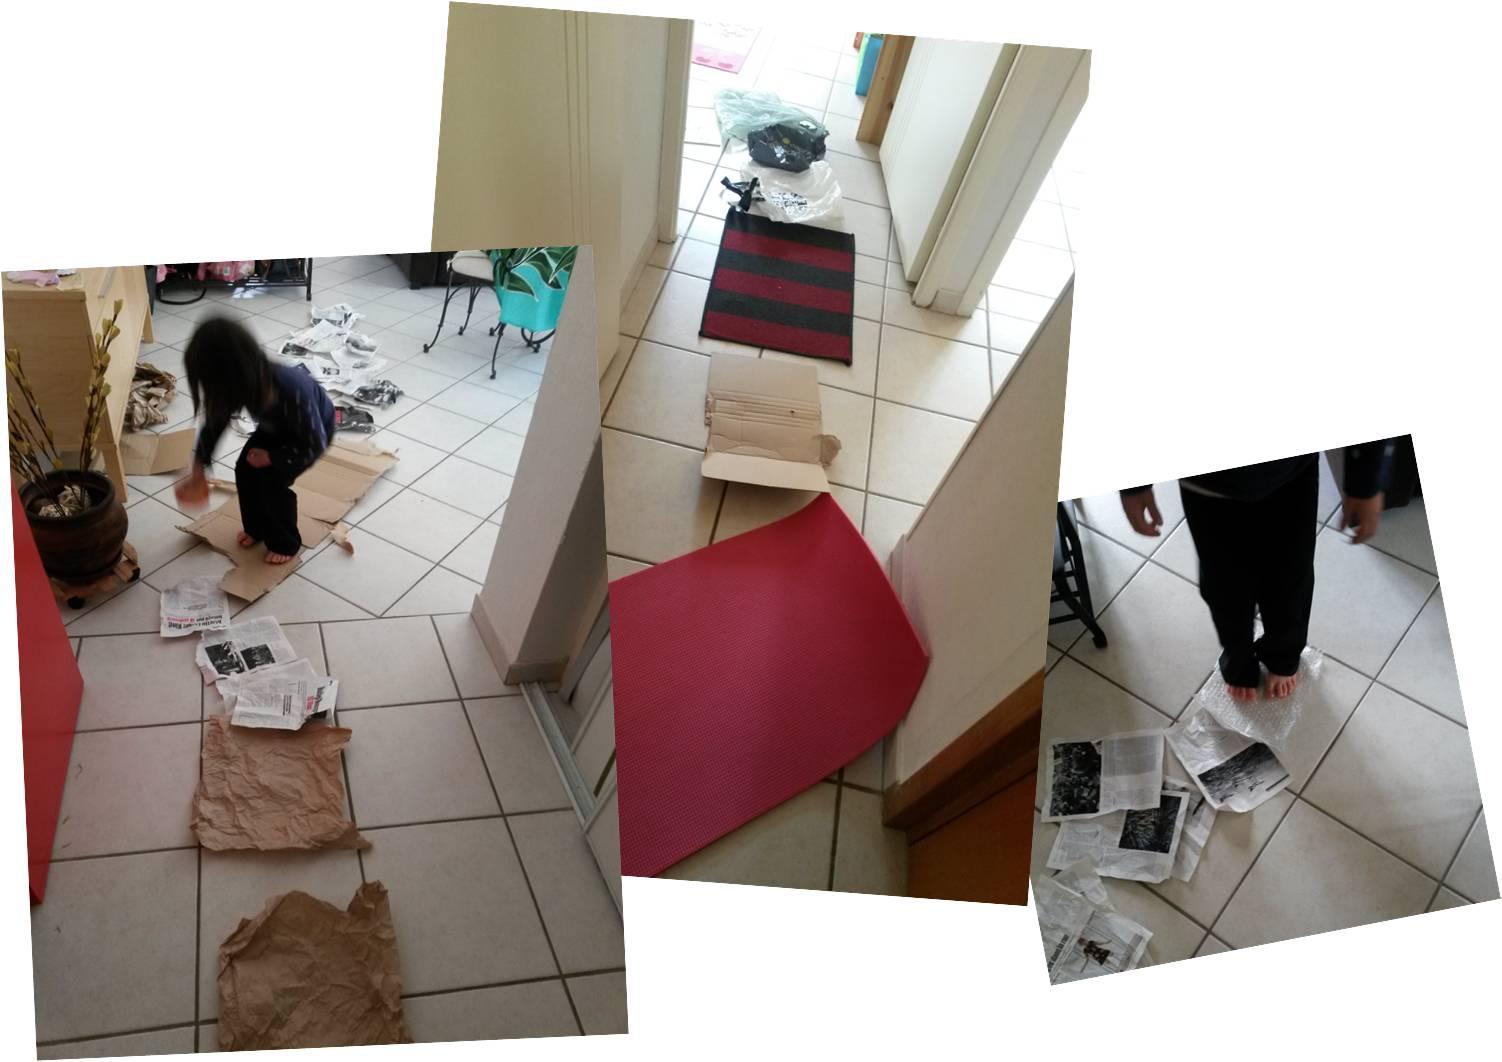 Tapis De Motricité Pas Cher comment créer un parcours de motricité maison ?